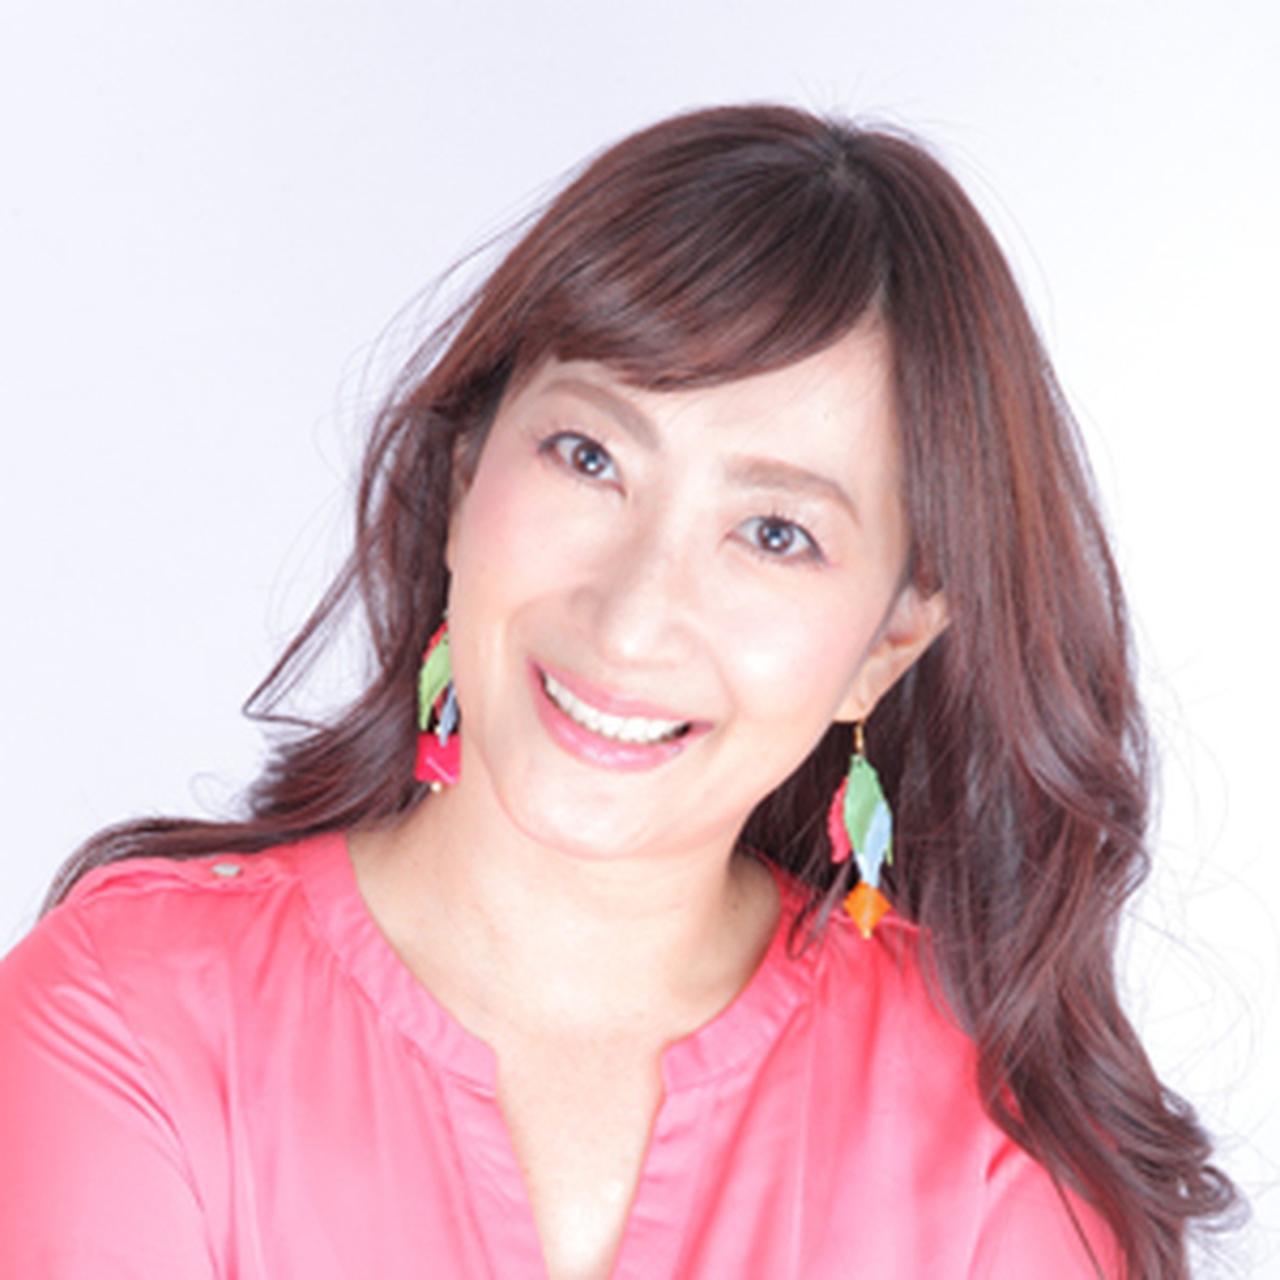 画像: 〈 PROFILE 〉 珠久美穂子 - FM大阪 85.1